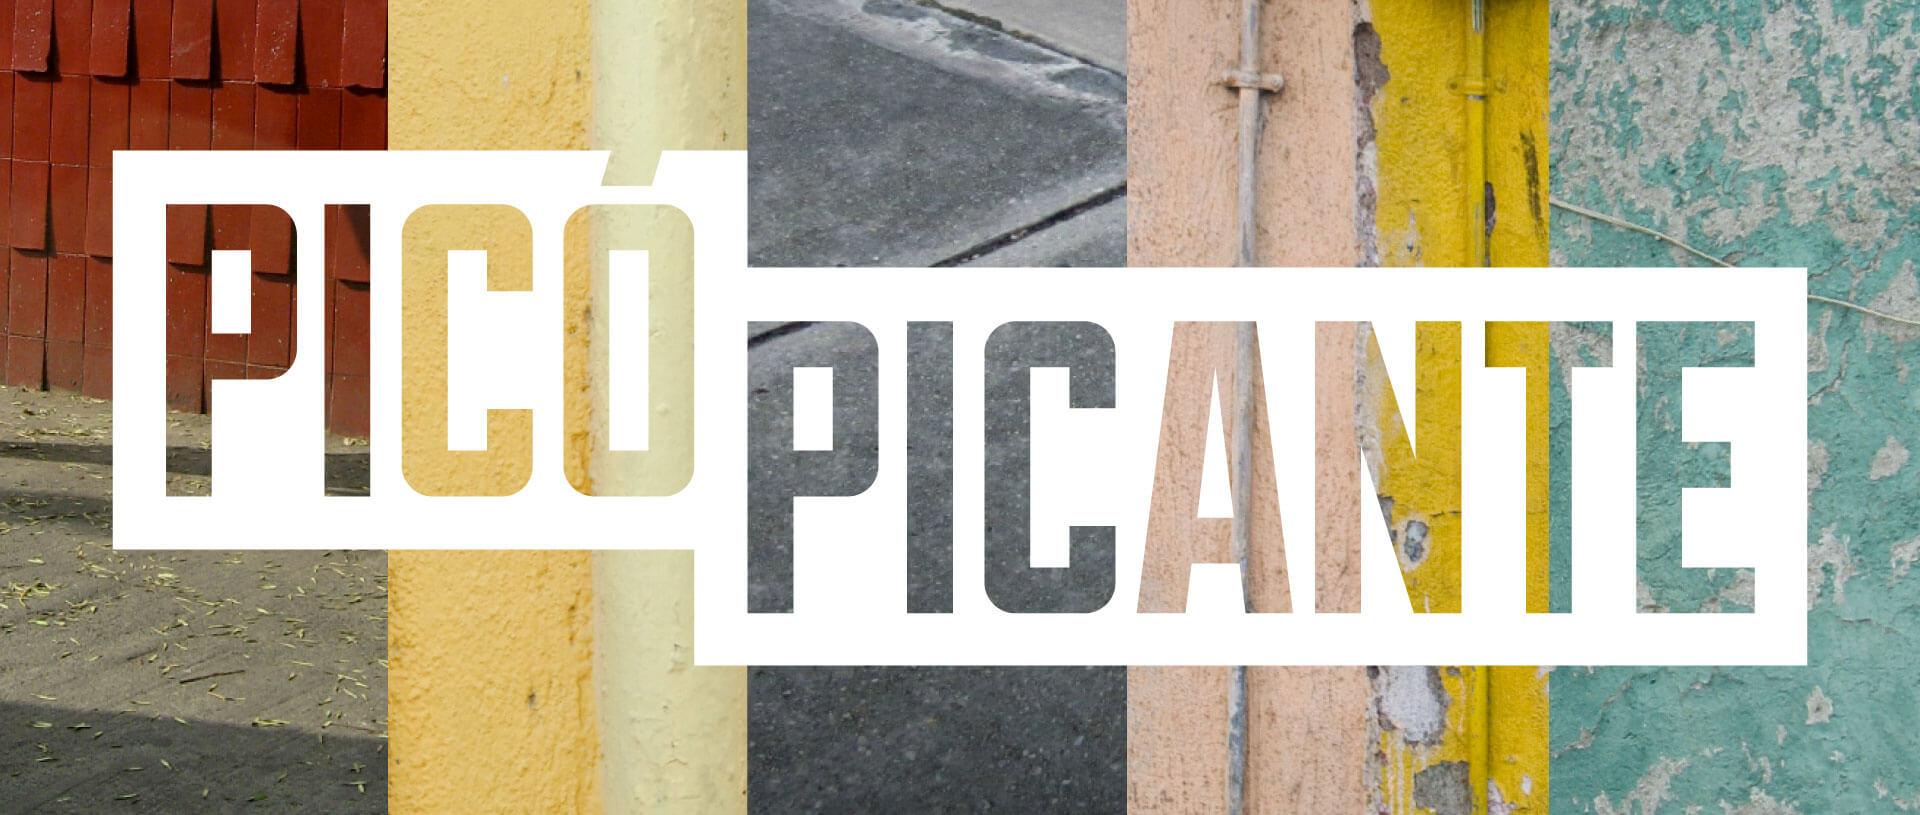 studio-malagon-pico-picante-banner